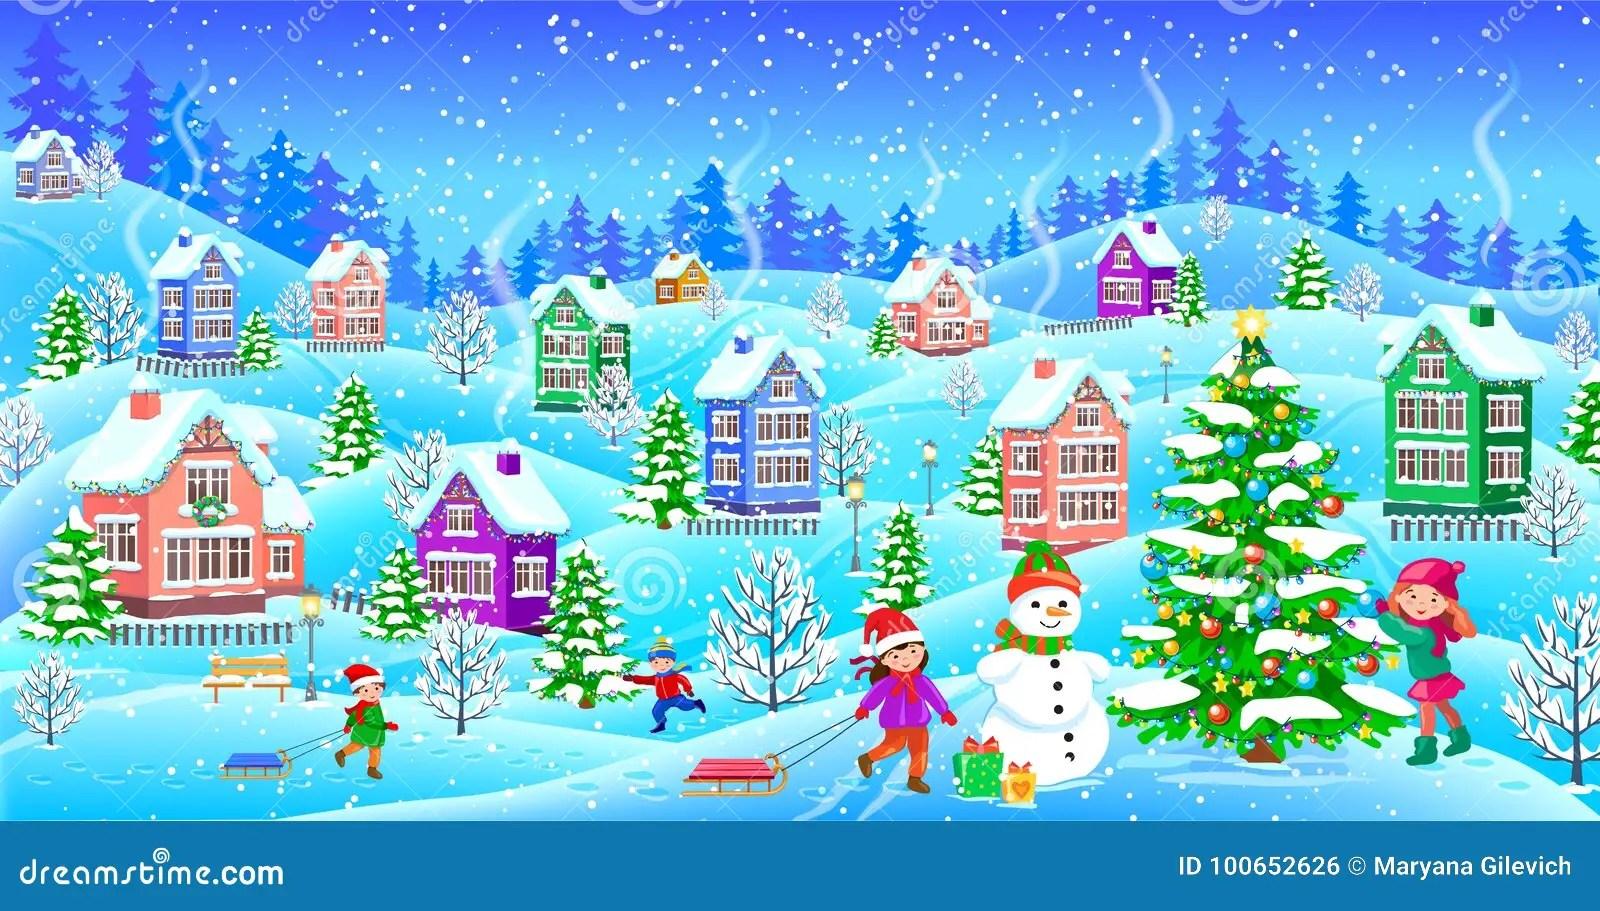 Se sono disponibili i risultati del completamento automatico, utilizza i tasti freccia in su e freccia in giù per consultarli e invio per selezionare. Paesaggio Di Inverno Con L Albero Di Natale Innevato Del Pupazzo Di Neve Delle Case Illustrazione Vettoriale Illustrazione Di Celebrazione Vigilia 100652626